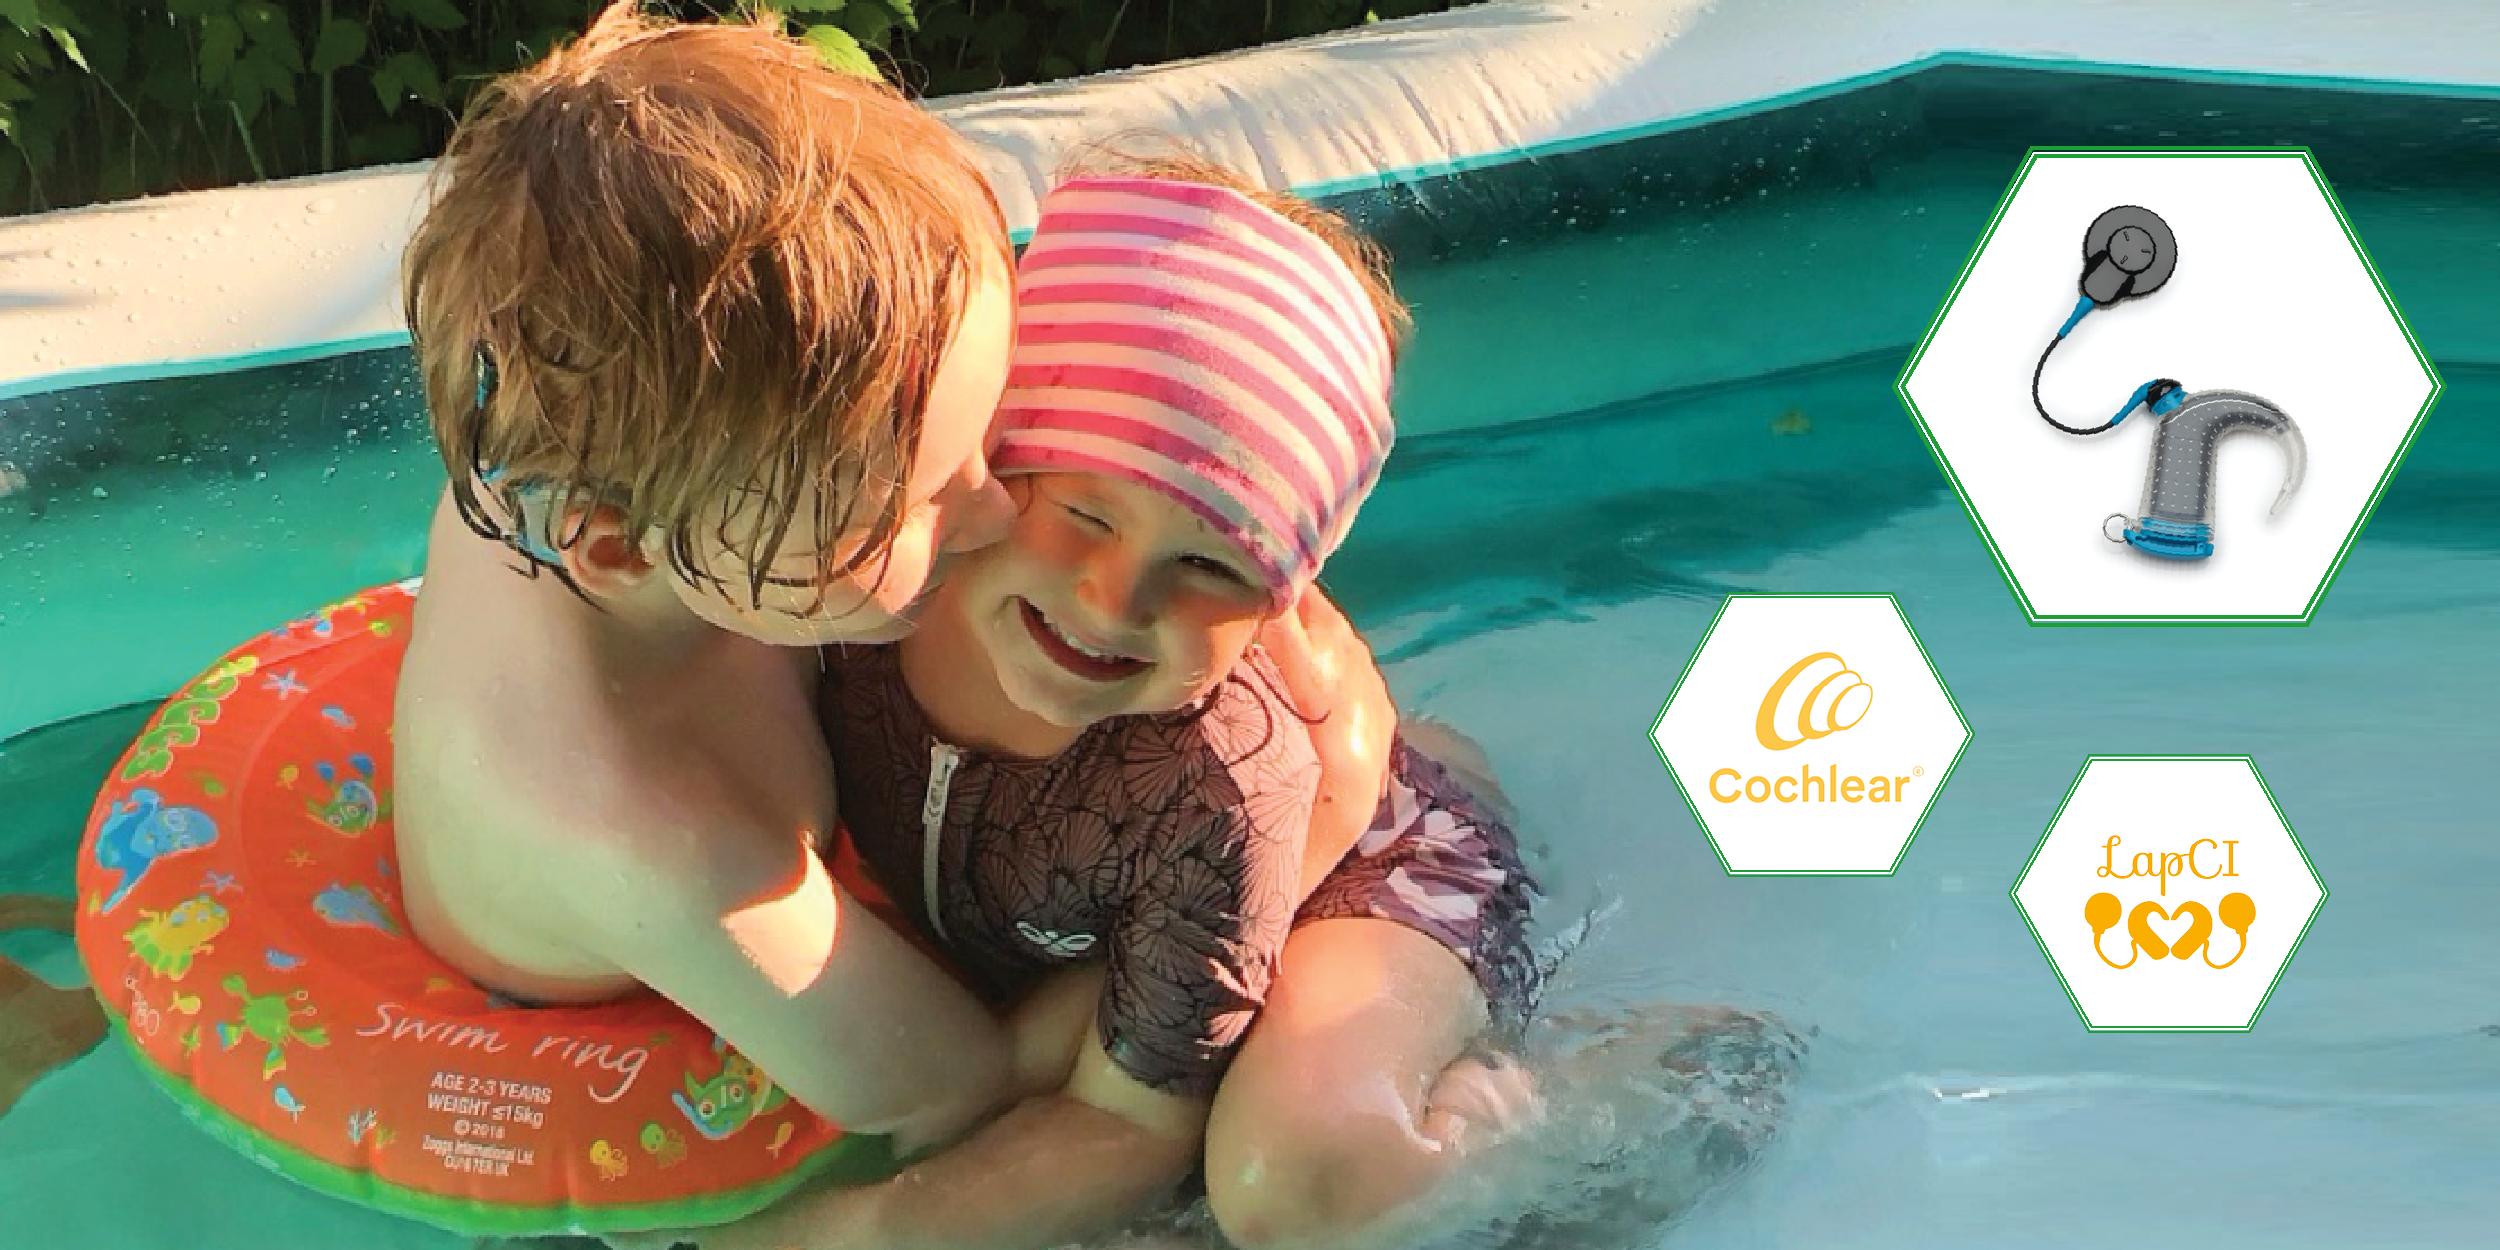 Kuvassa kaksi lasta leikkii vedessä, kuvioissa LapCI ry:n ja Cochlearin logot sekä Aqua+ -vesisuojus